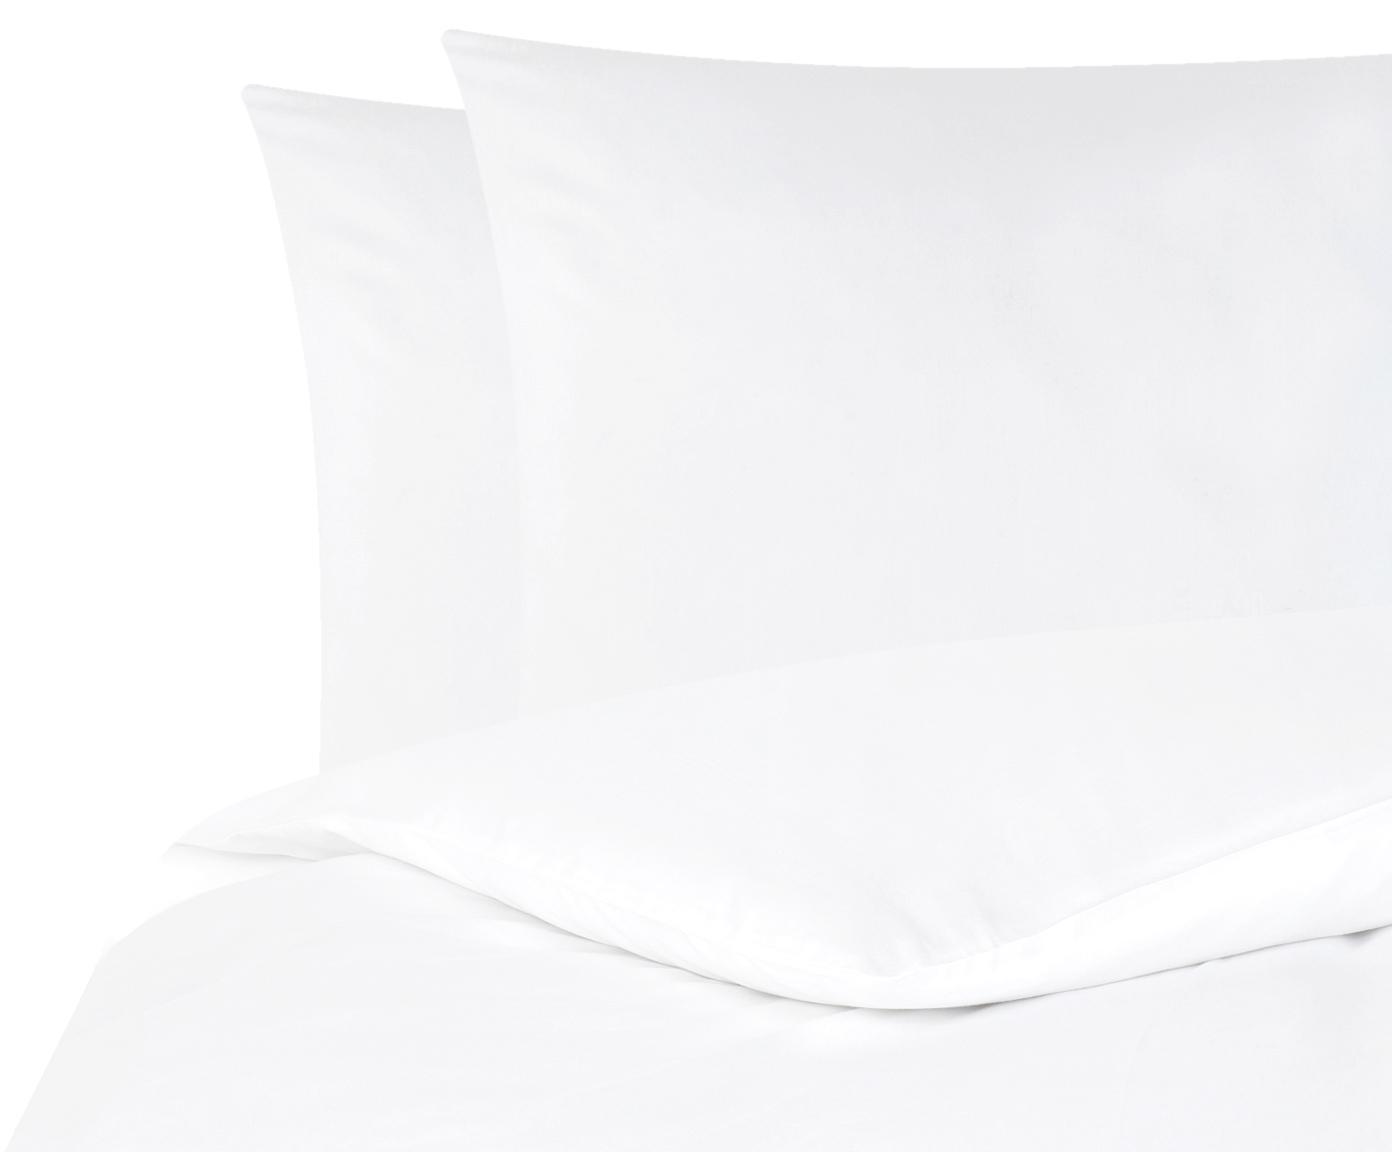 Baumwollsatin-Bettwäsche Comfort in Weiß, Webart: Satin Fadendichte 250 TC,, Weiß, 200 x 200 cm + 2 Kissen 80 x 80 cm